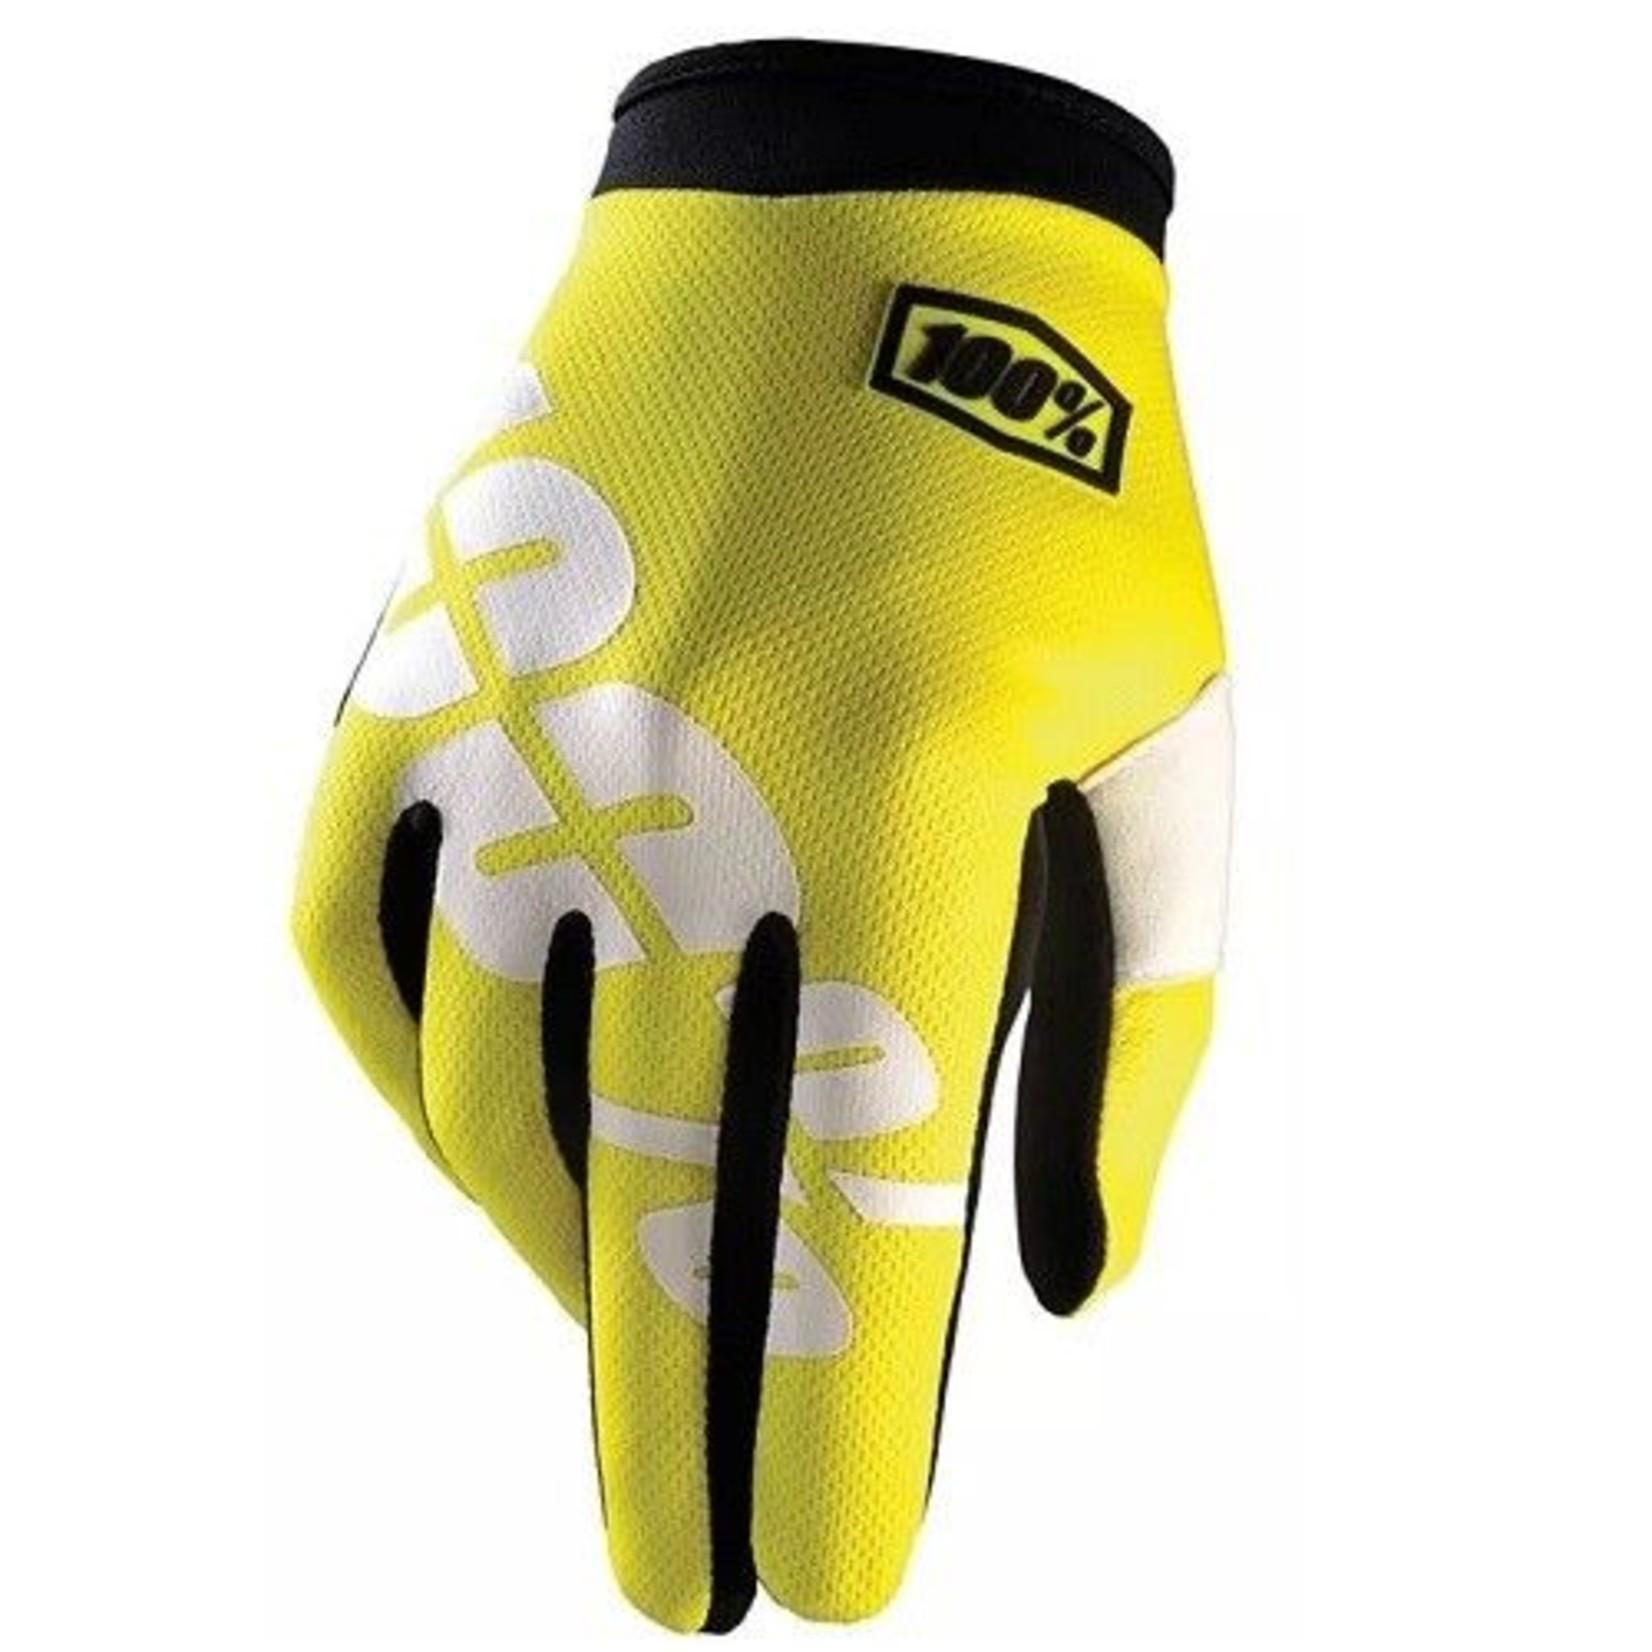 100% 100% iTrack Full Finger Glove